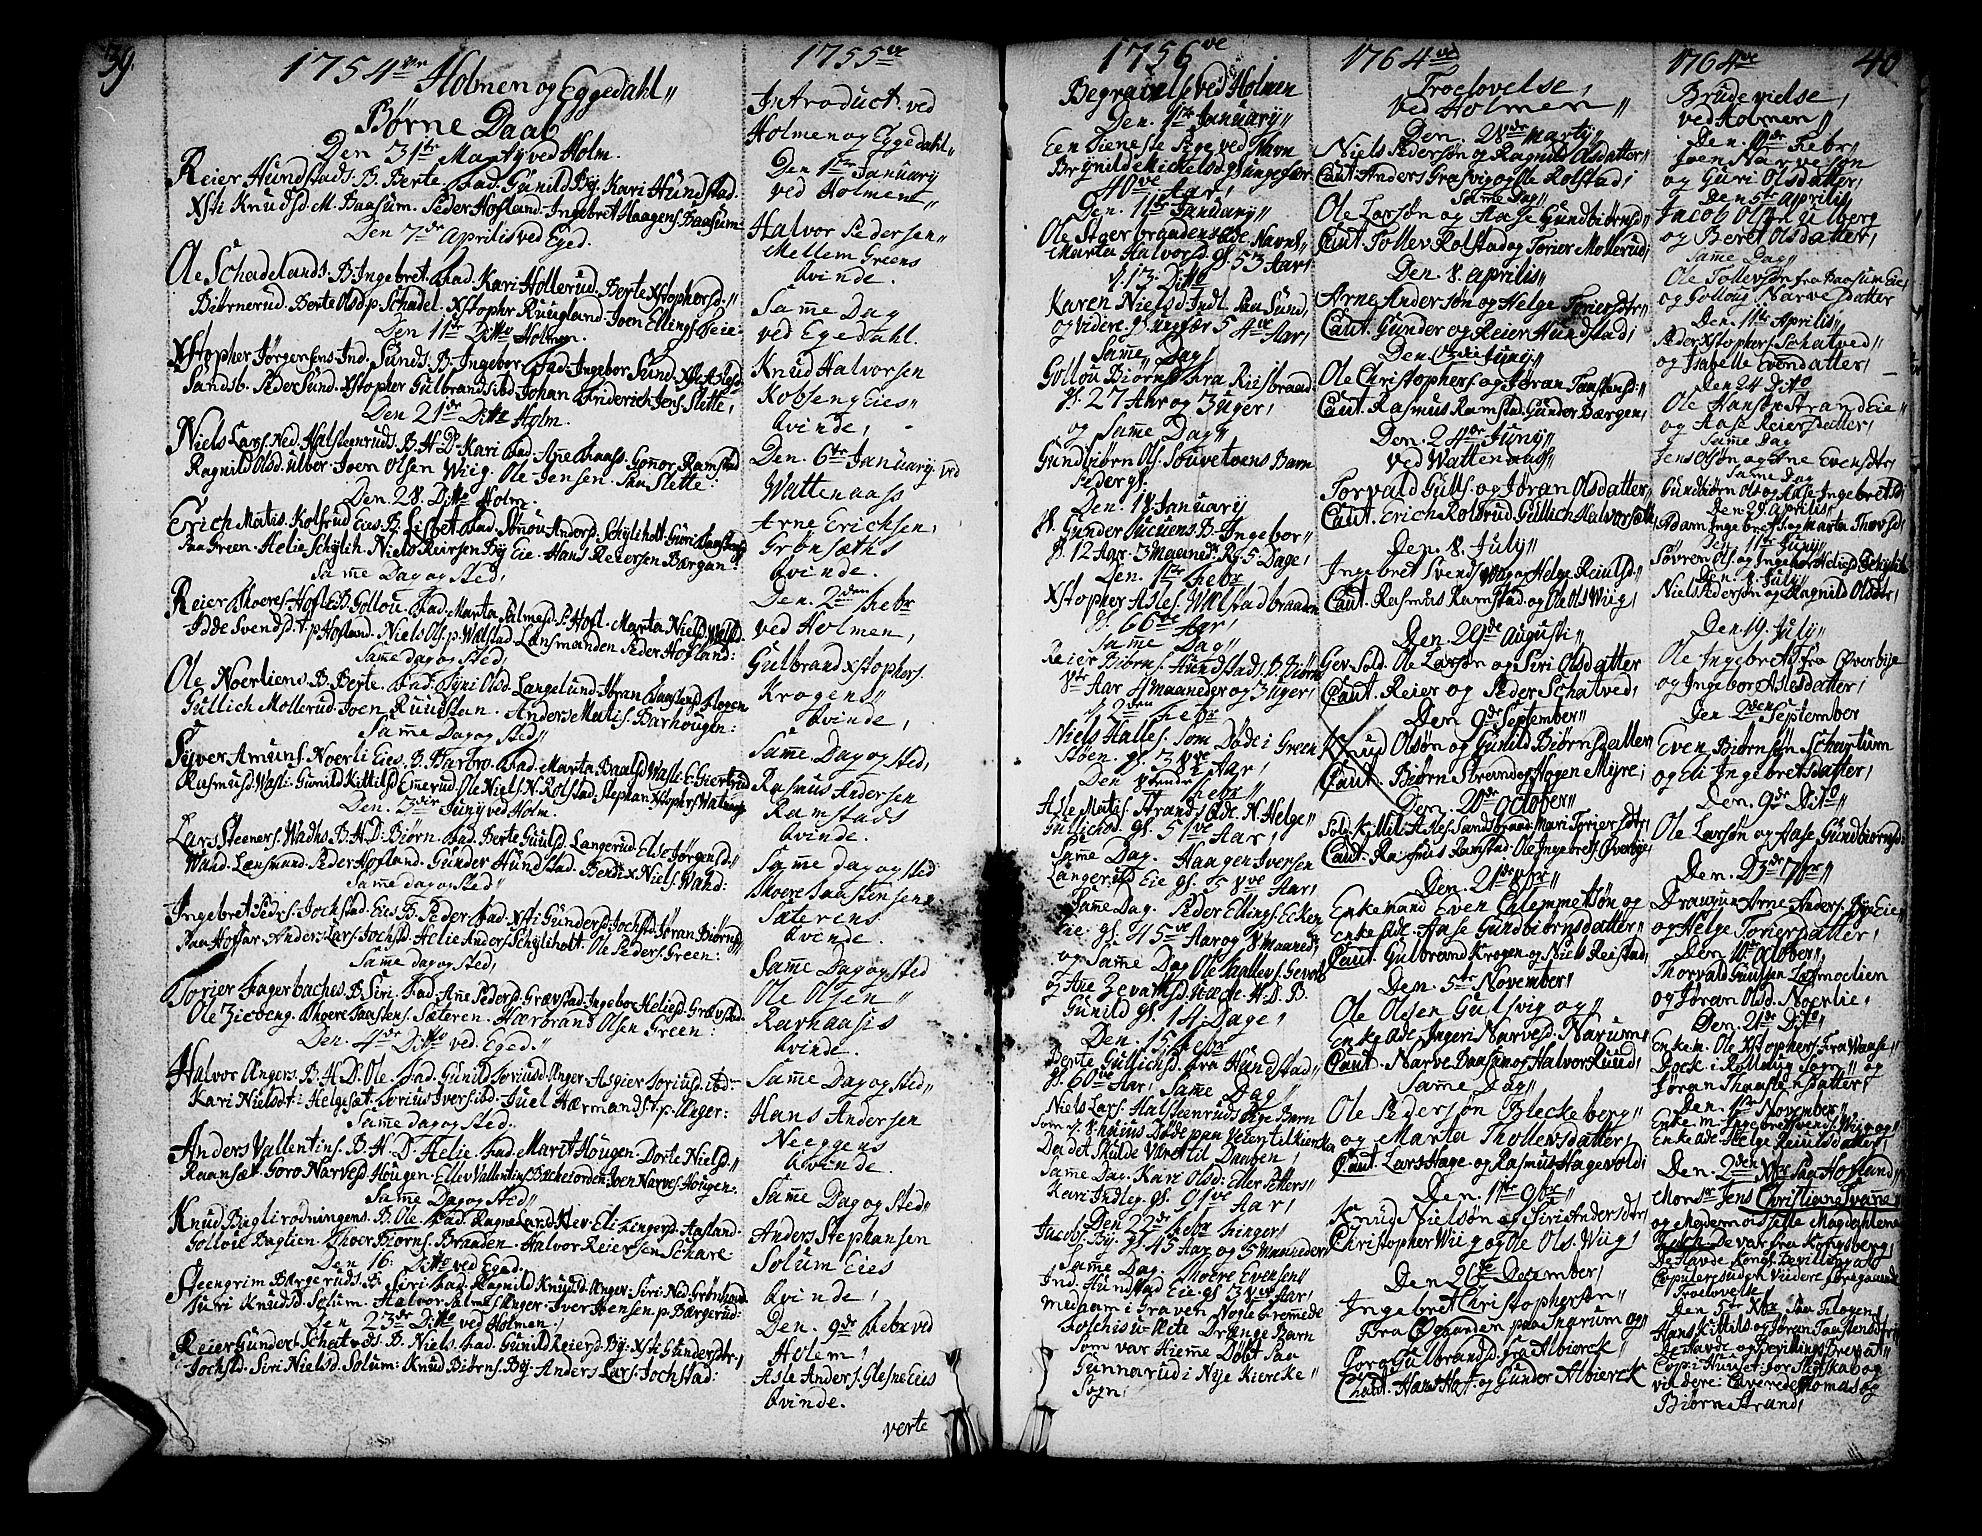 SAKO, Sigdal kirkebøker, F/Fa/L0001: Ministerialbok nr. I 1, 1722-1777, s. 39-40